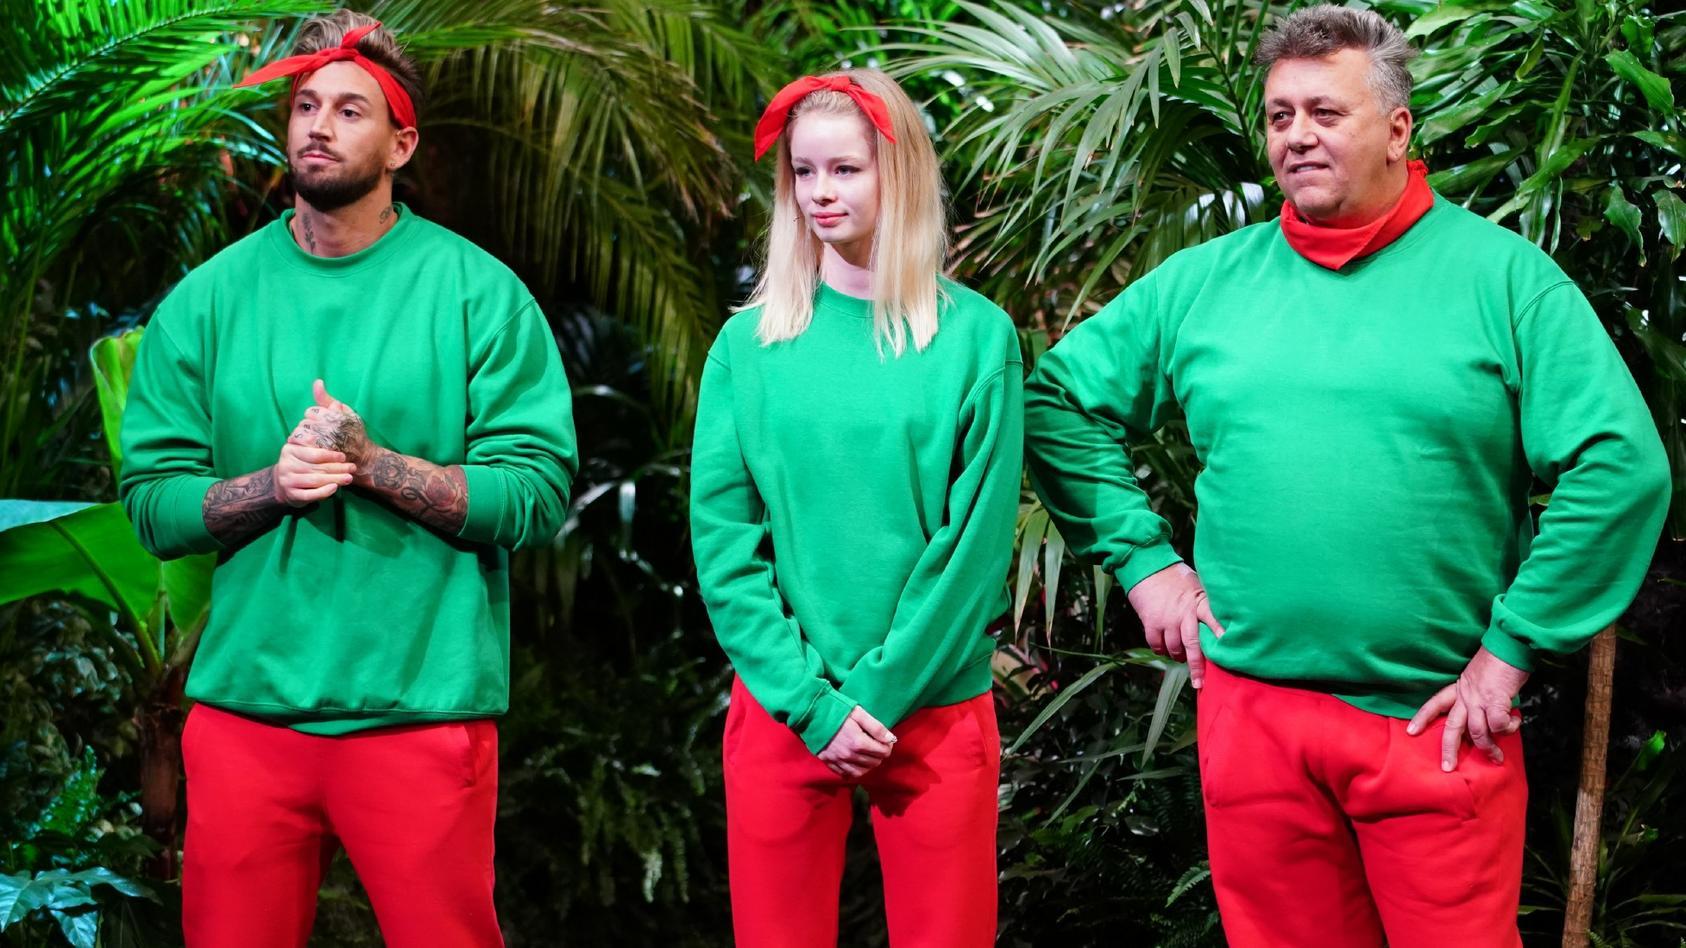 Die drei ersten Dschungelshow-Kandidaten: Mike Heiter, Zoe Saip und Frank Fussbroich